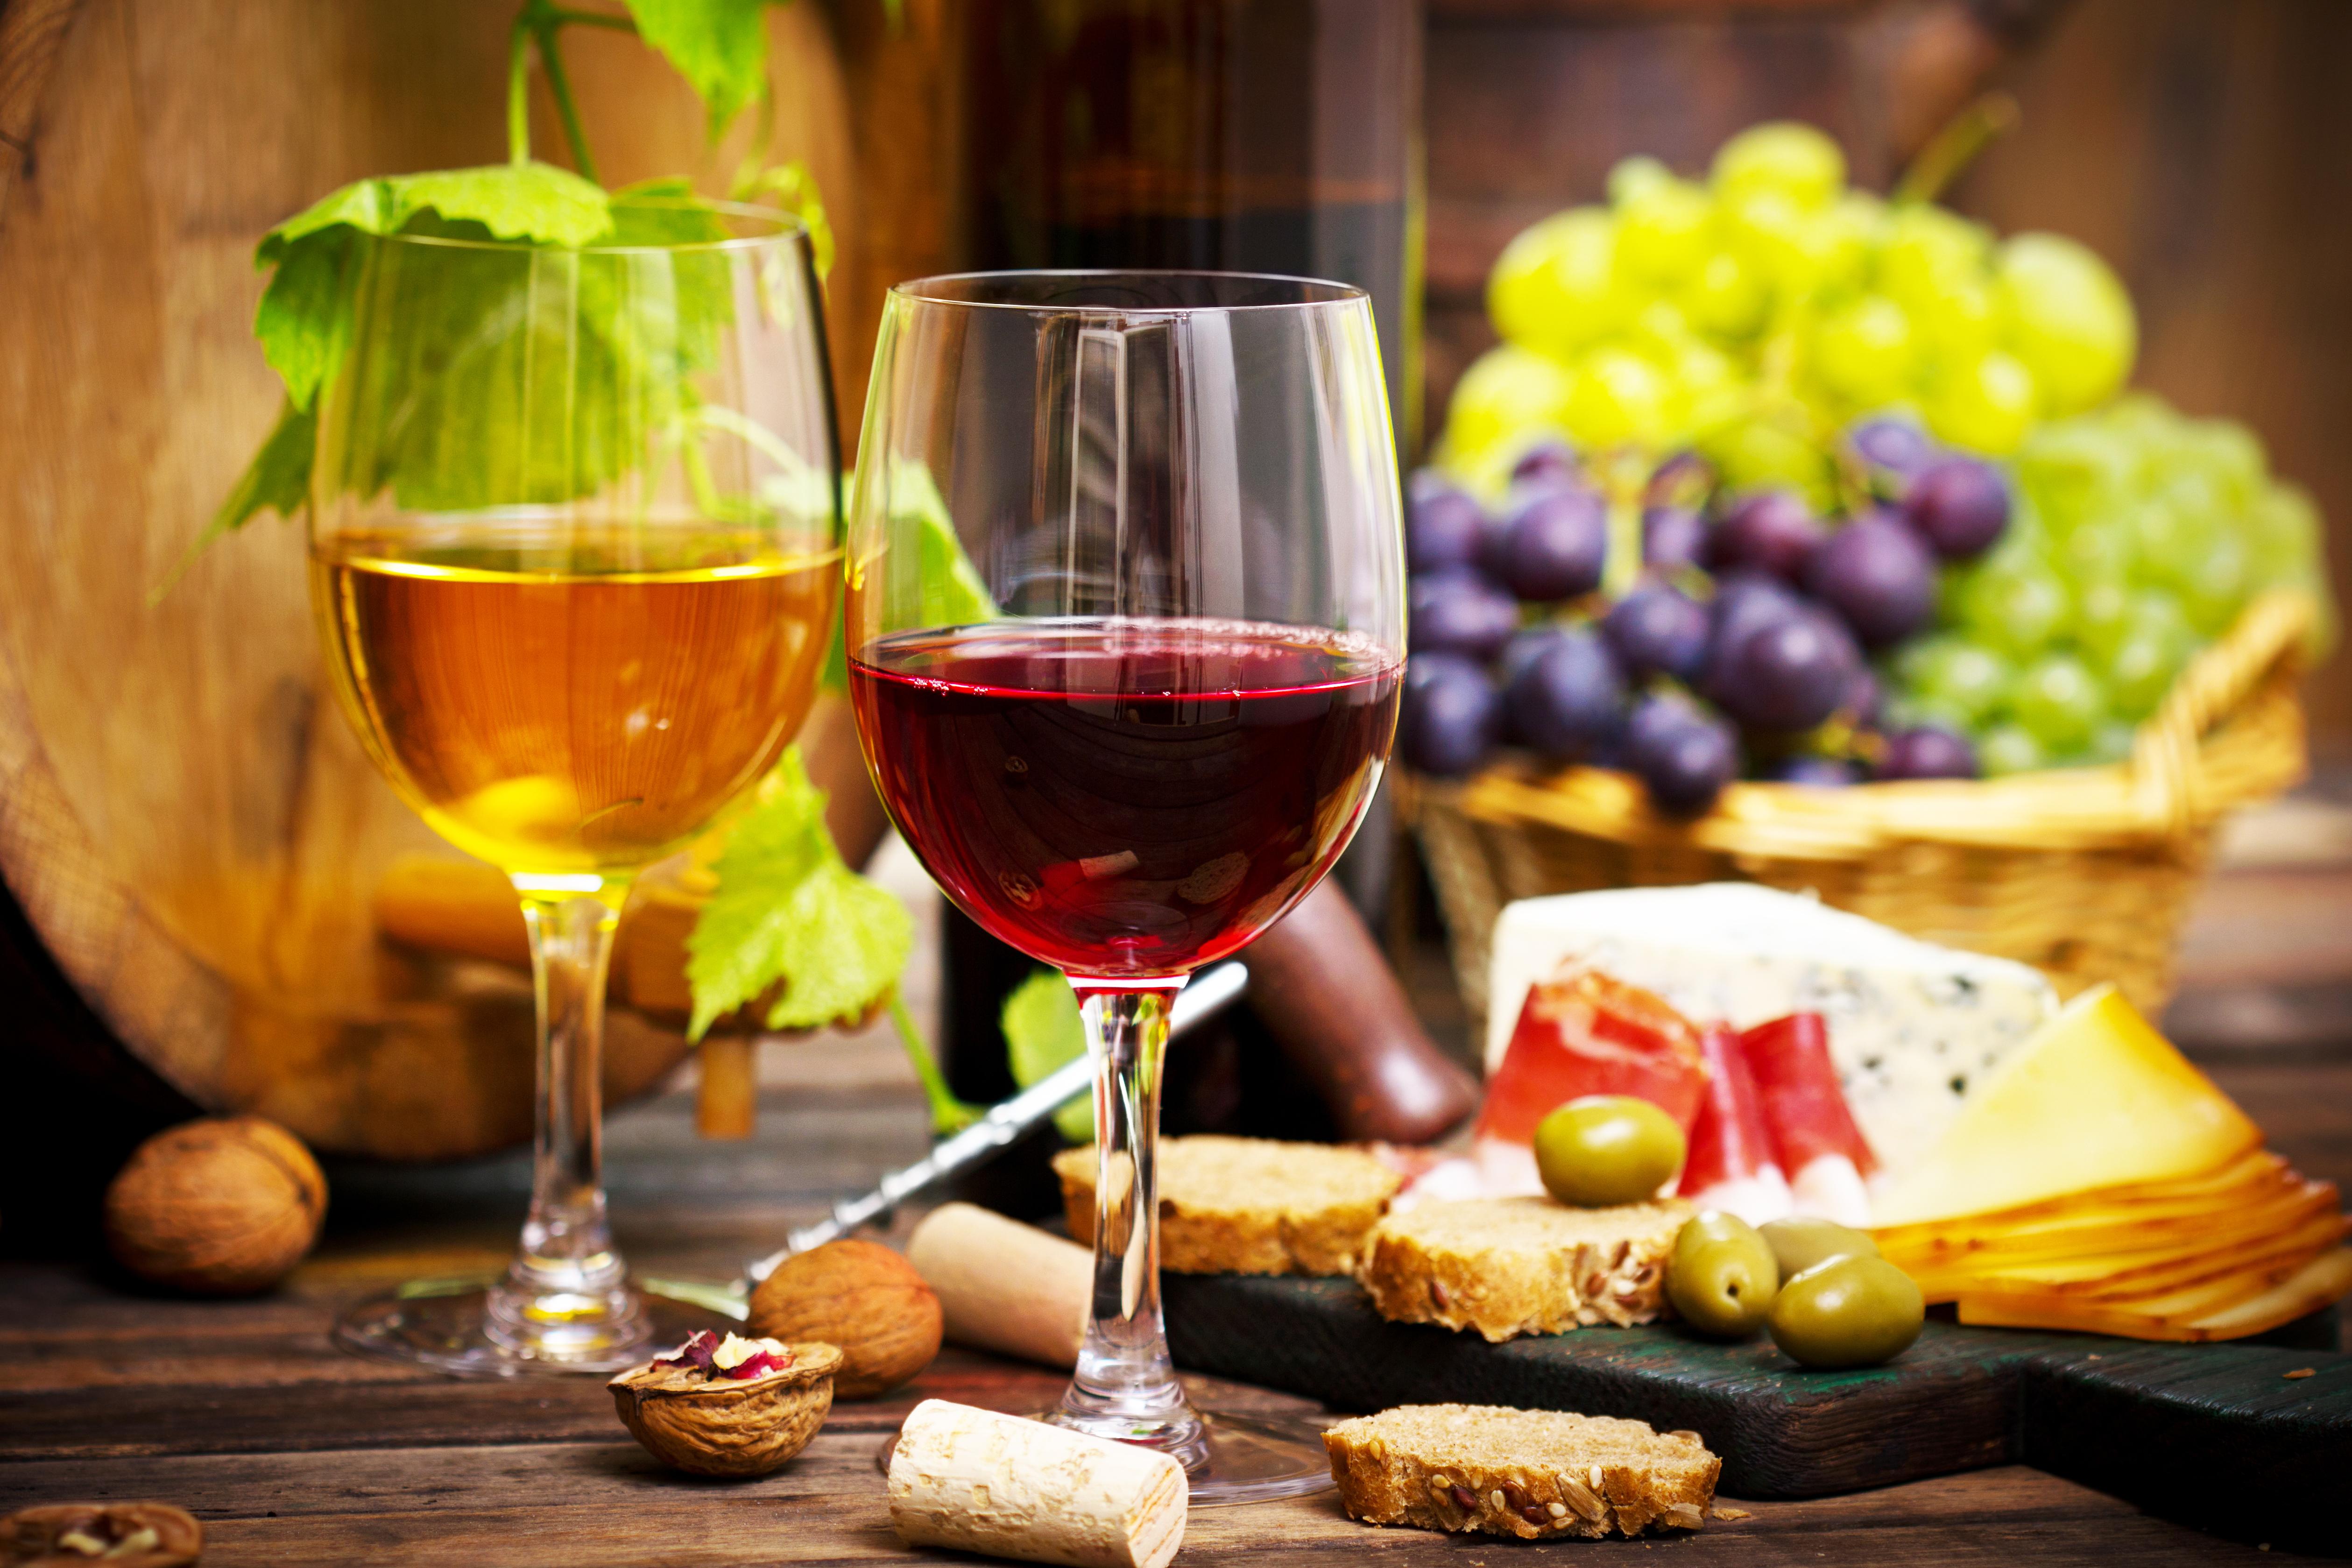 O tom, že je v umírněném množství víno zdravým nápojem, není pochyb.